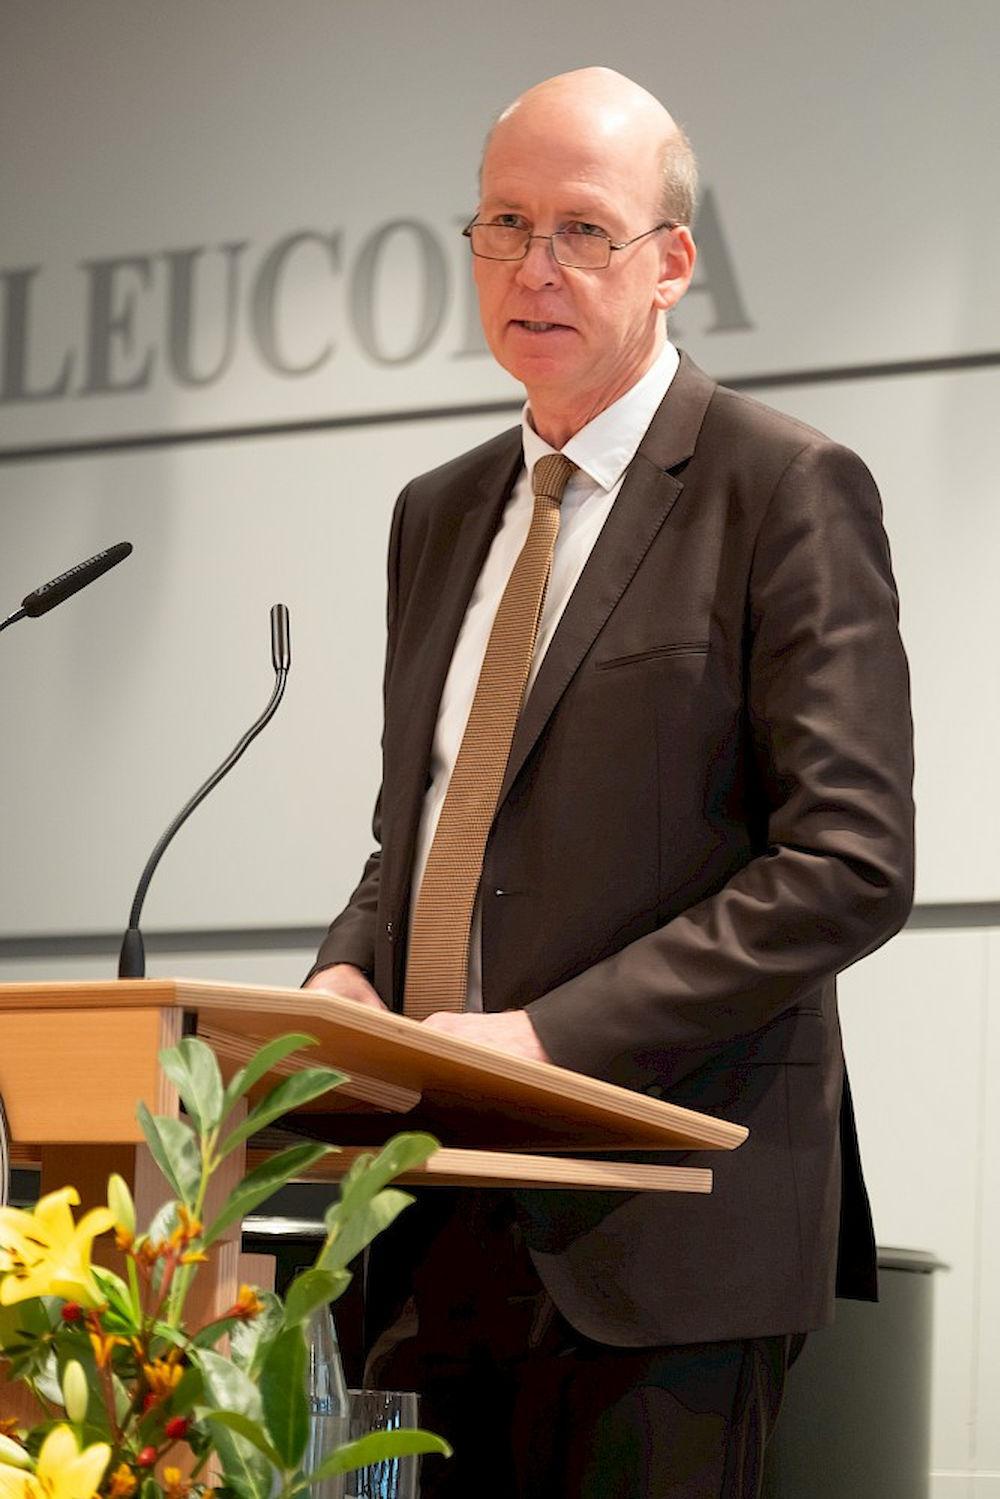 Jens Rehländer